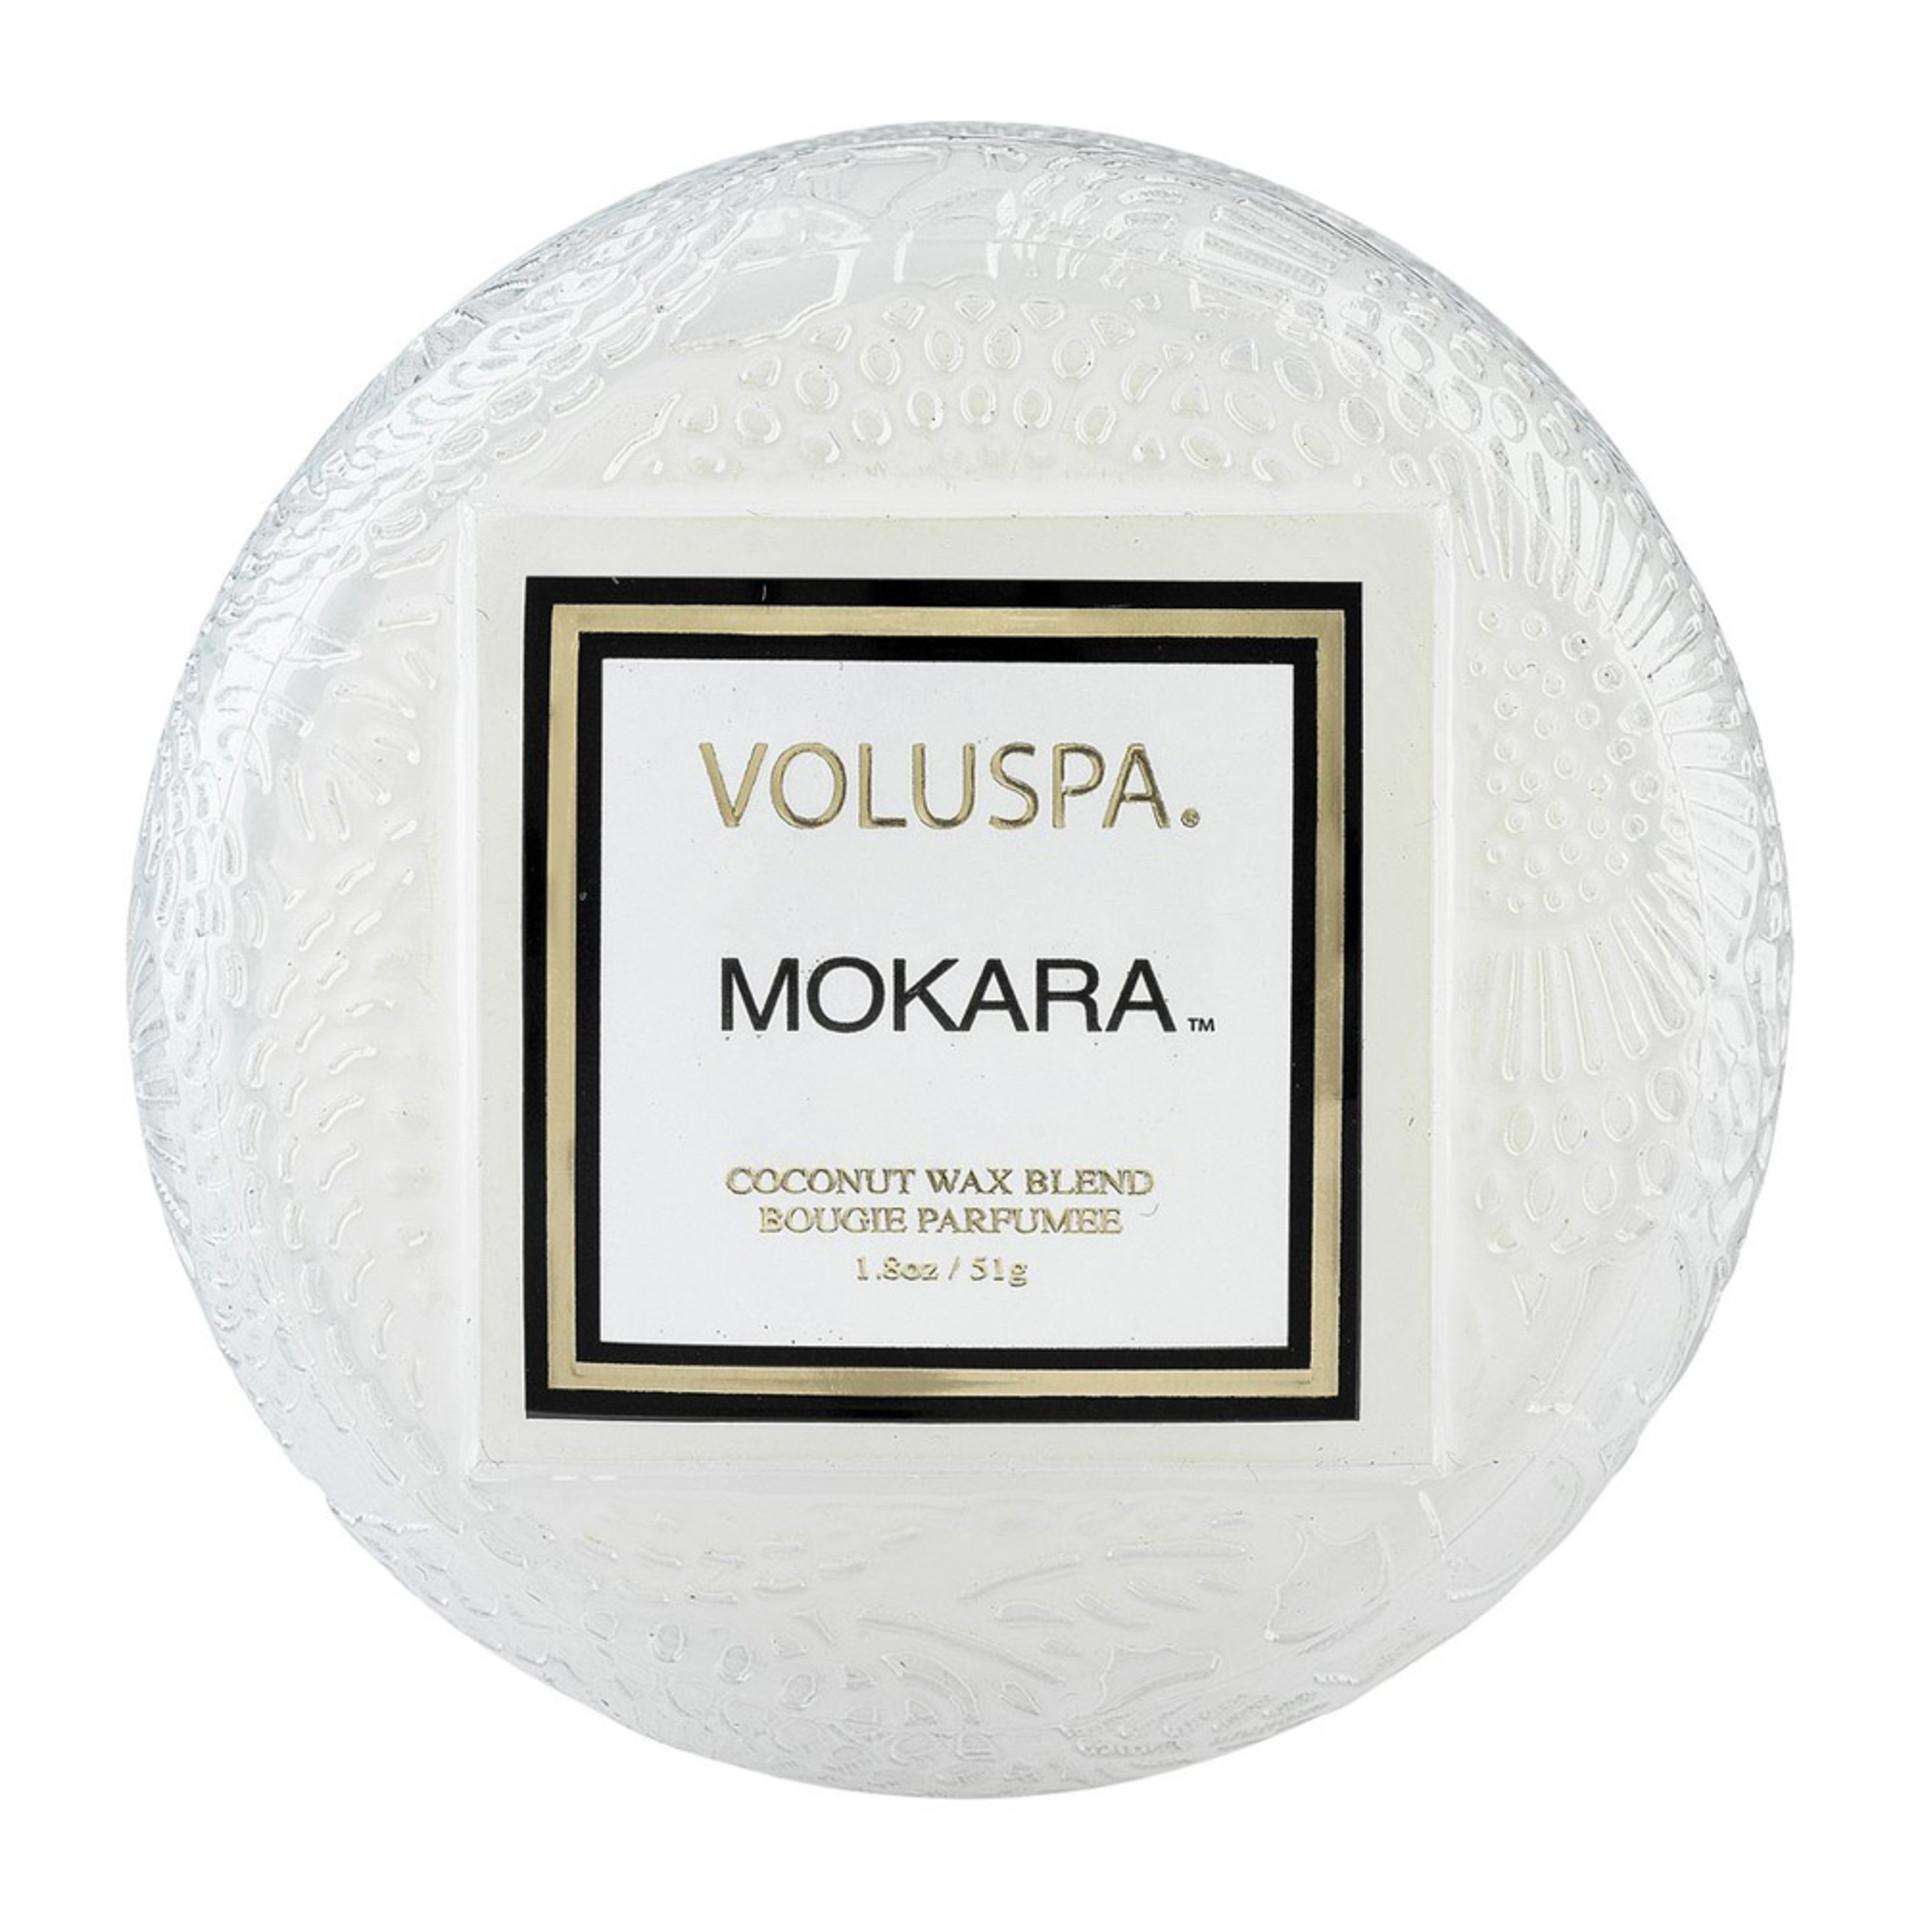 Voluspa Mokara Macaron Candle Top